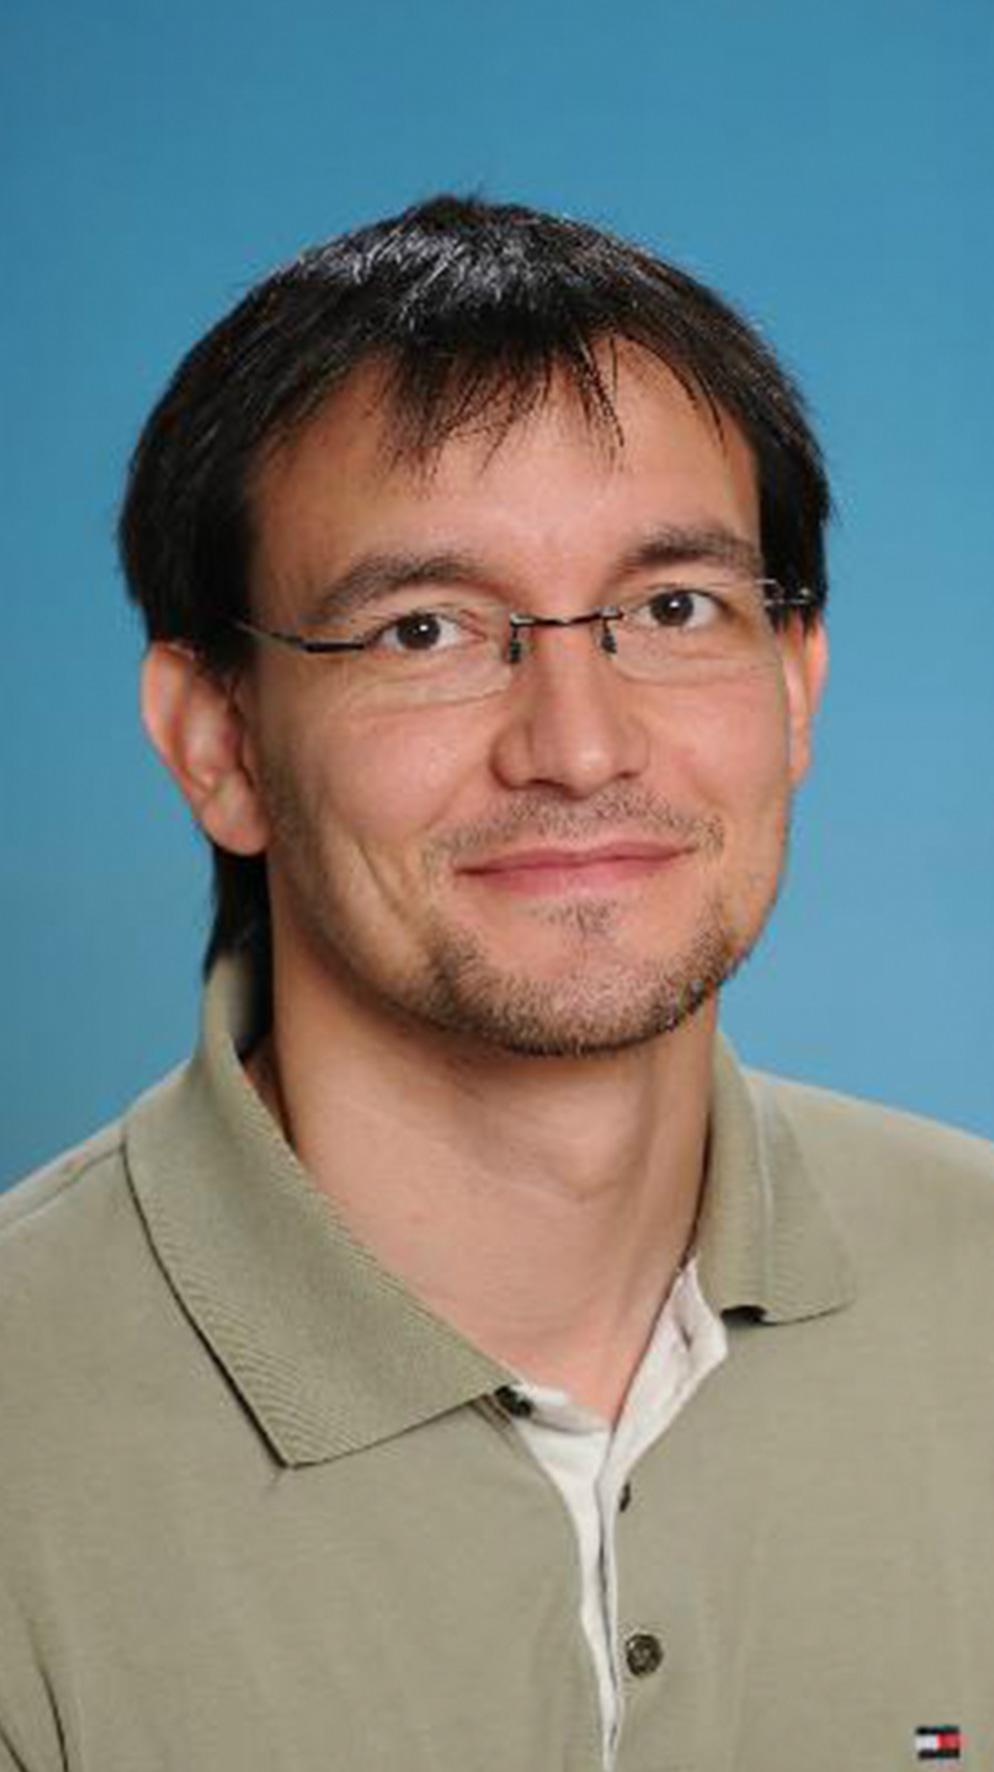 Andreas Eisenkopf